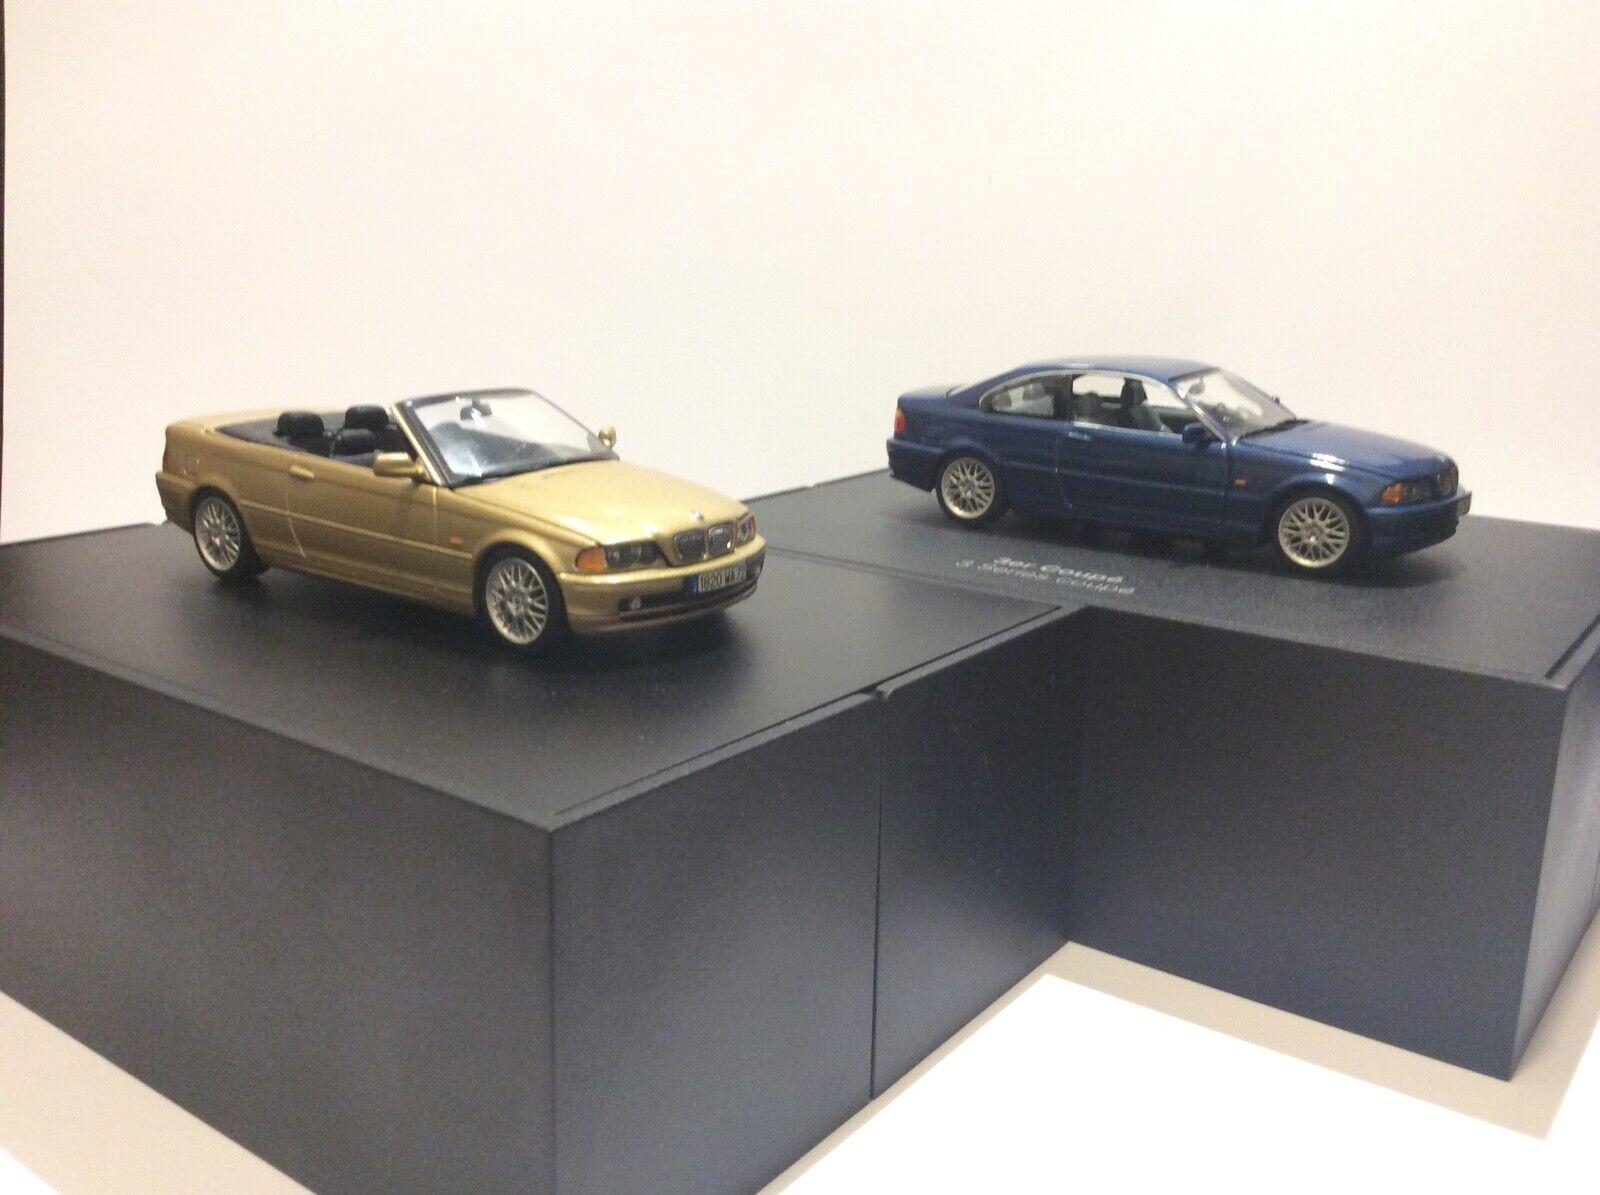 2 BMW E46 Coupé & Cabriolet Minichamps 1 43